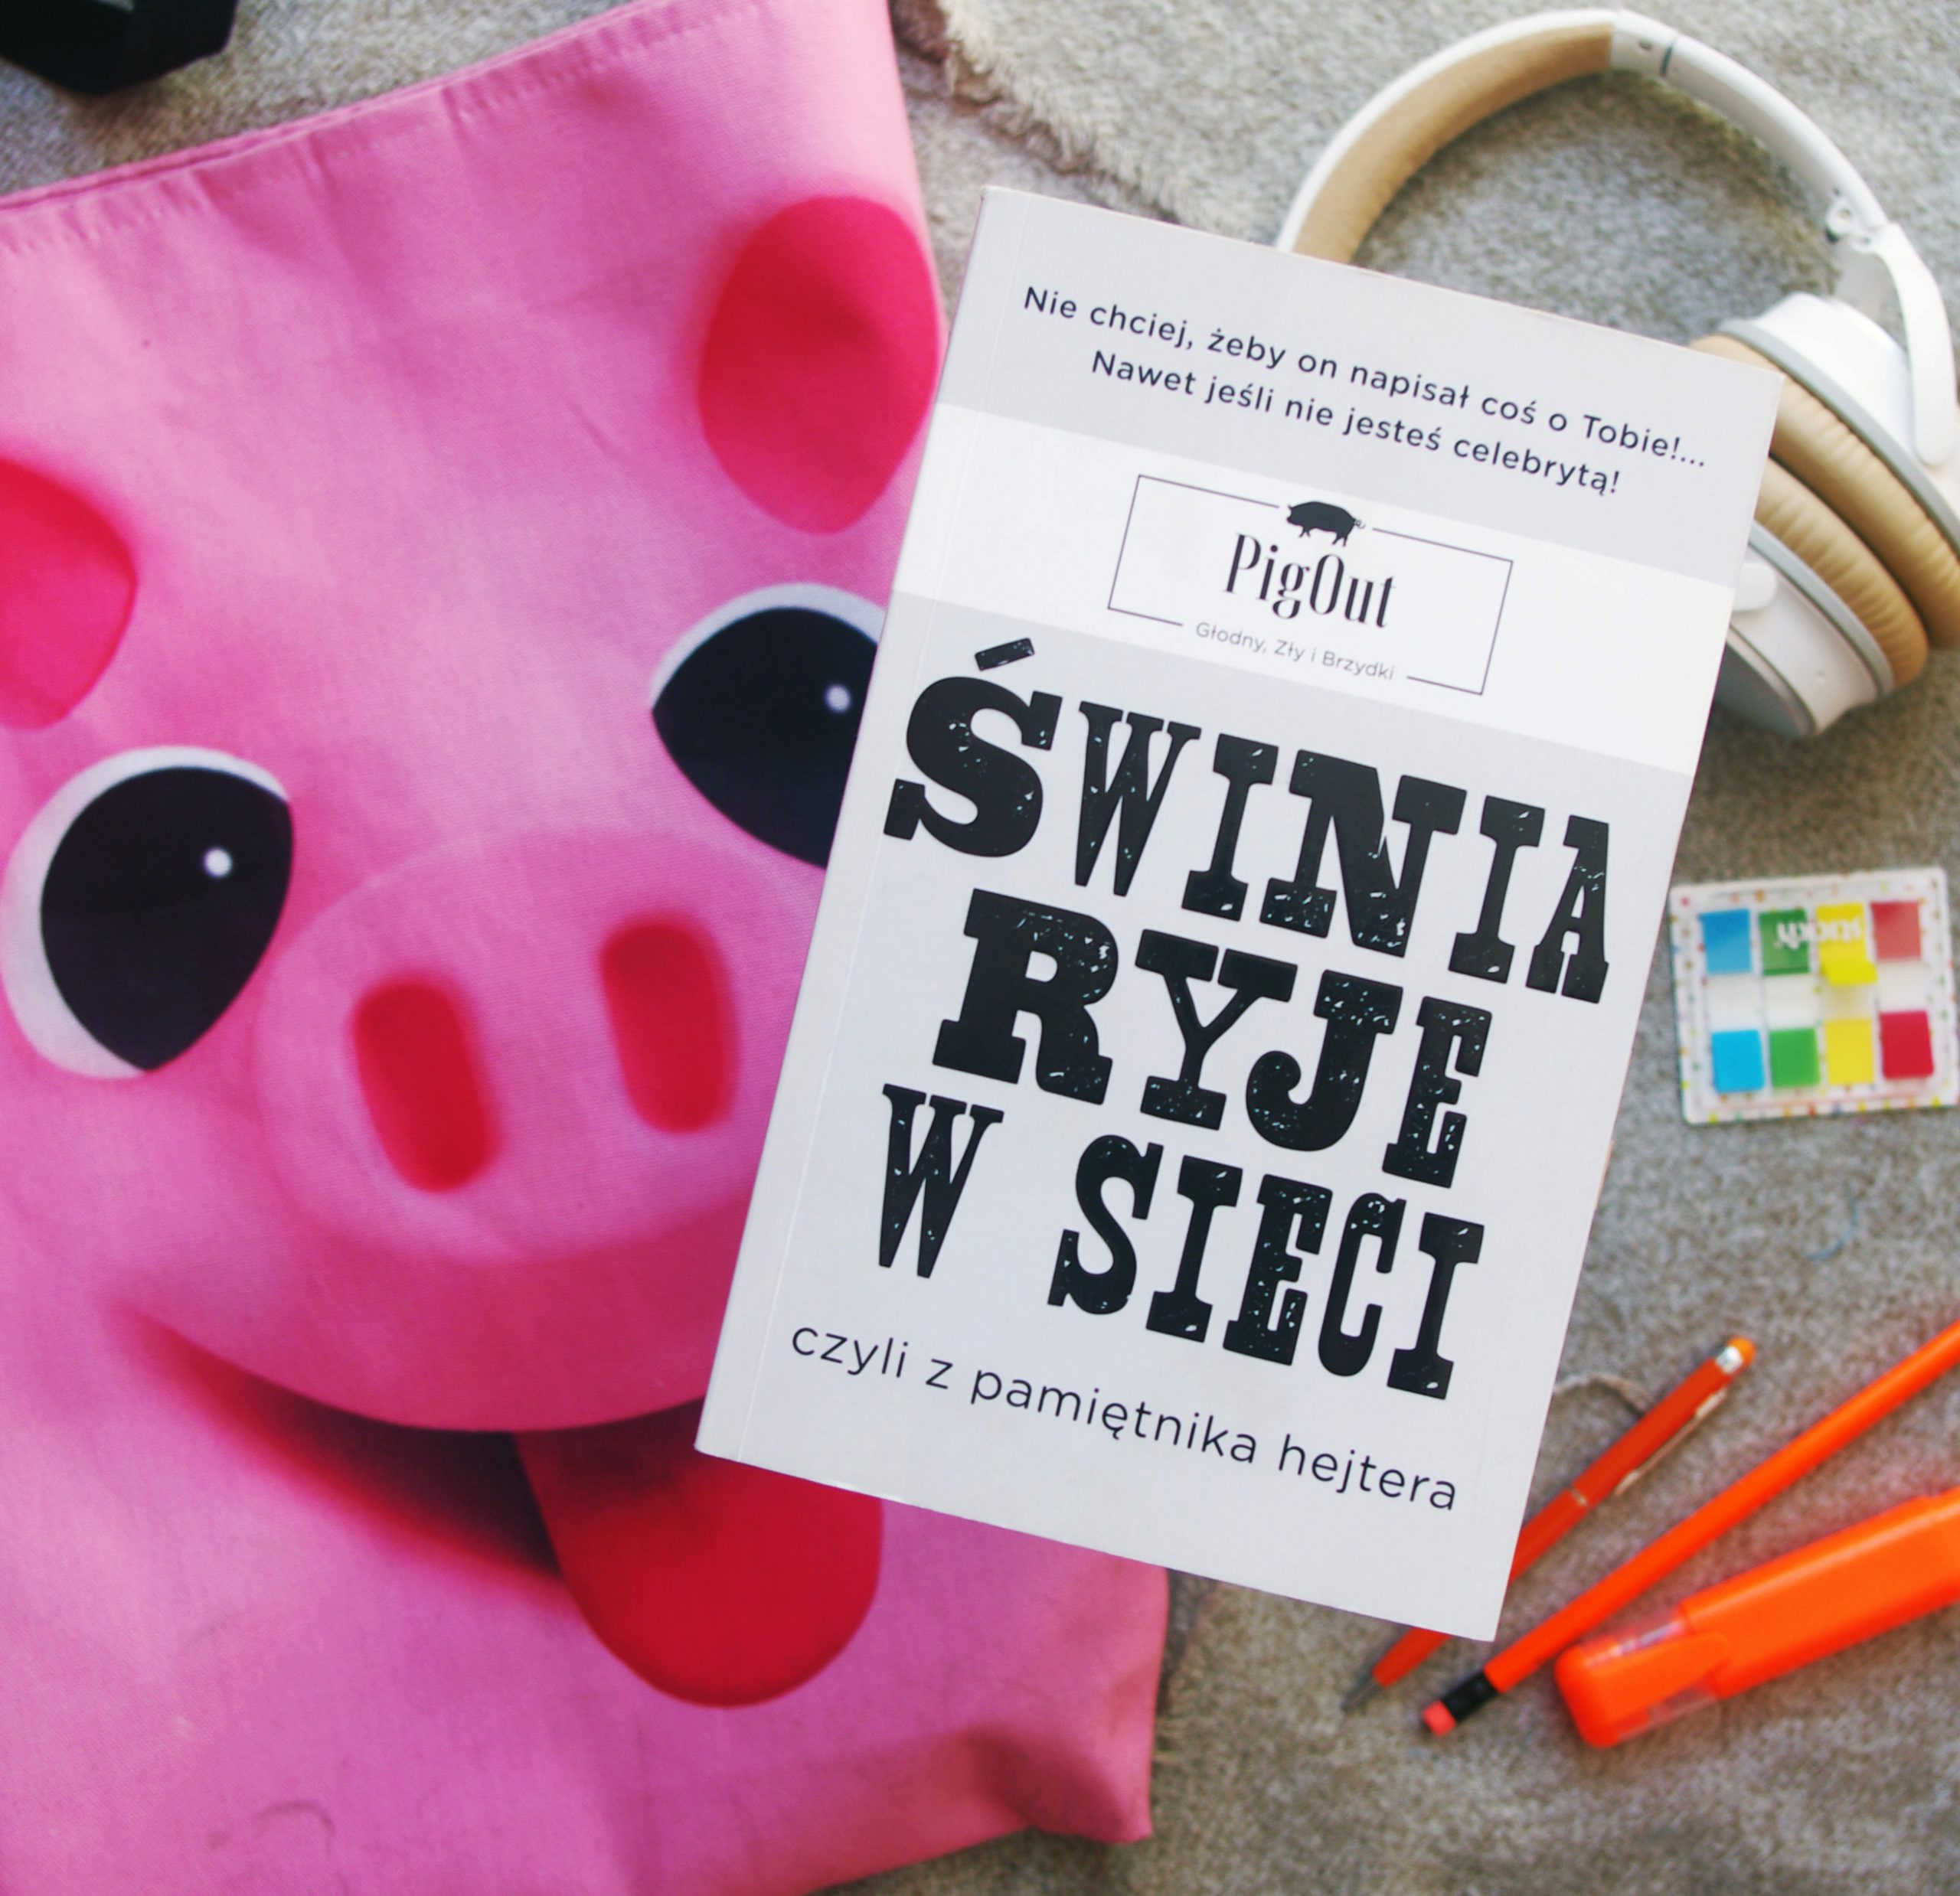 Świnia ryje w sieci, czyli z pamiętnika hejtera. Recenzja